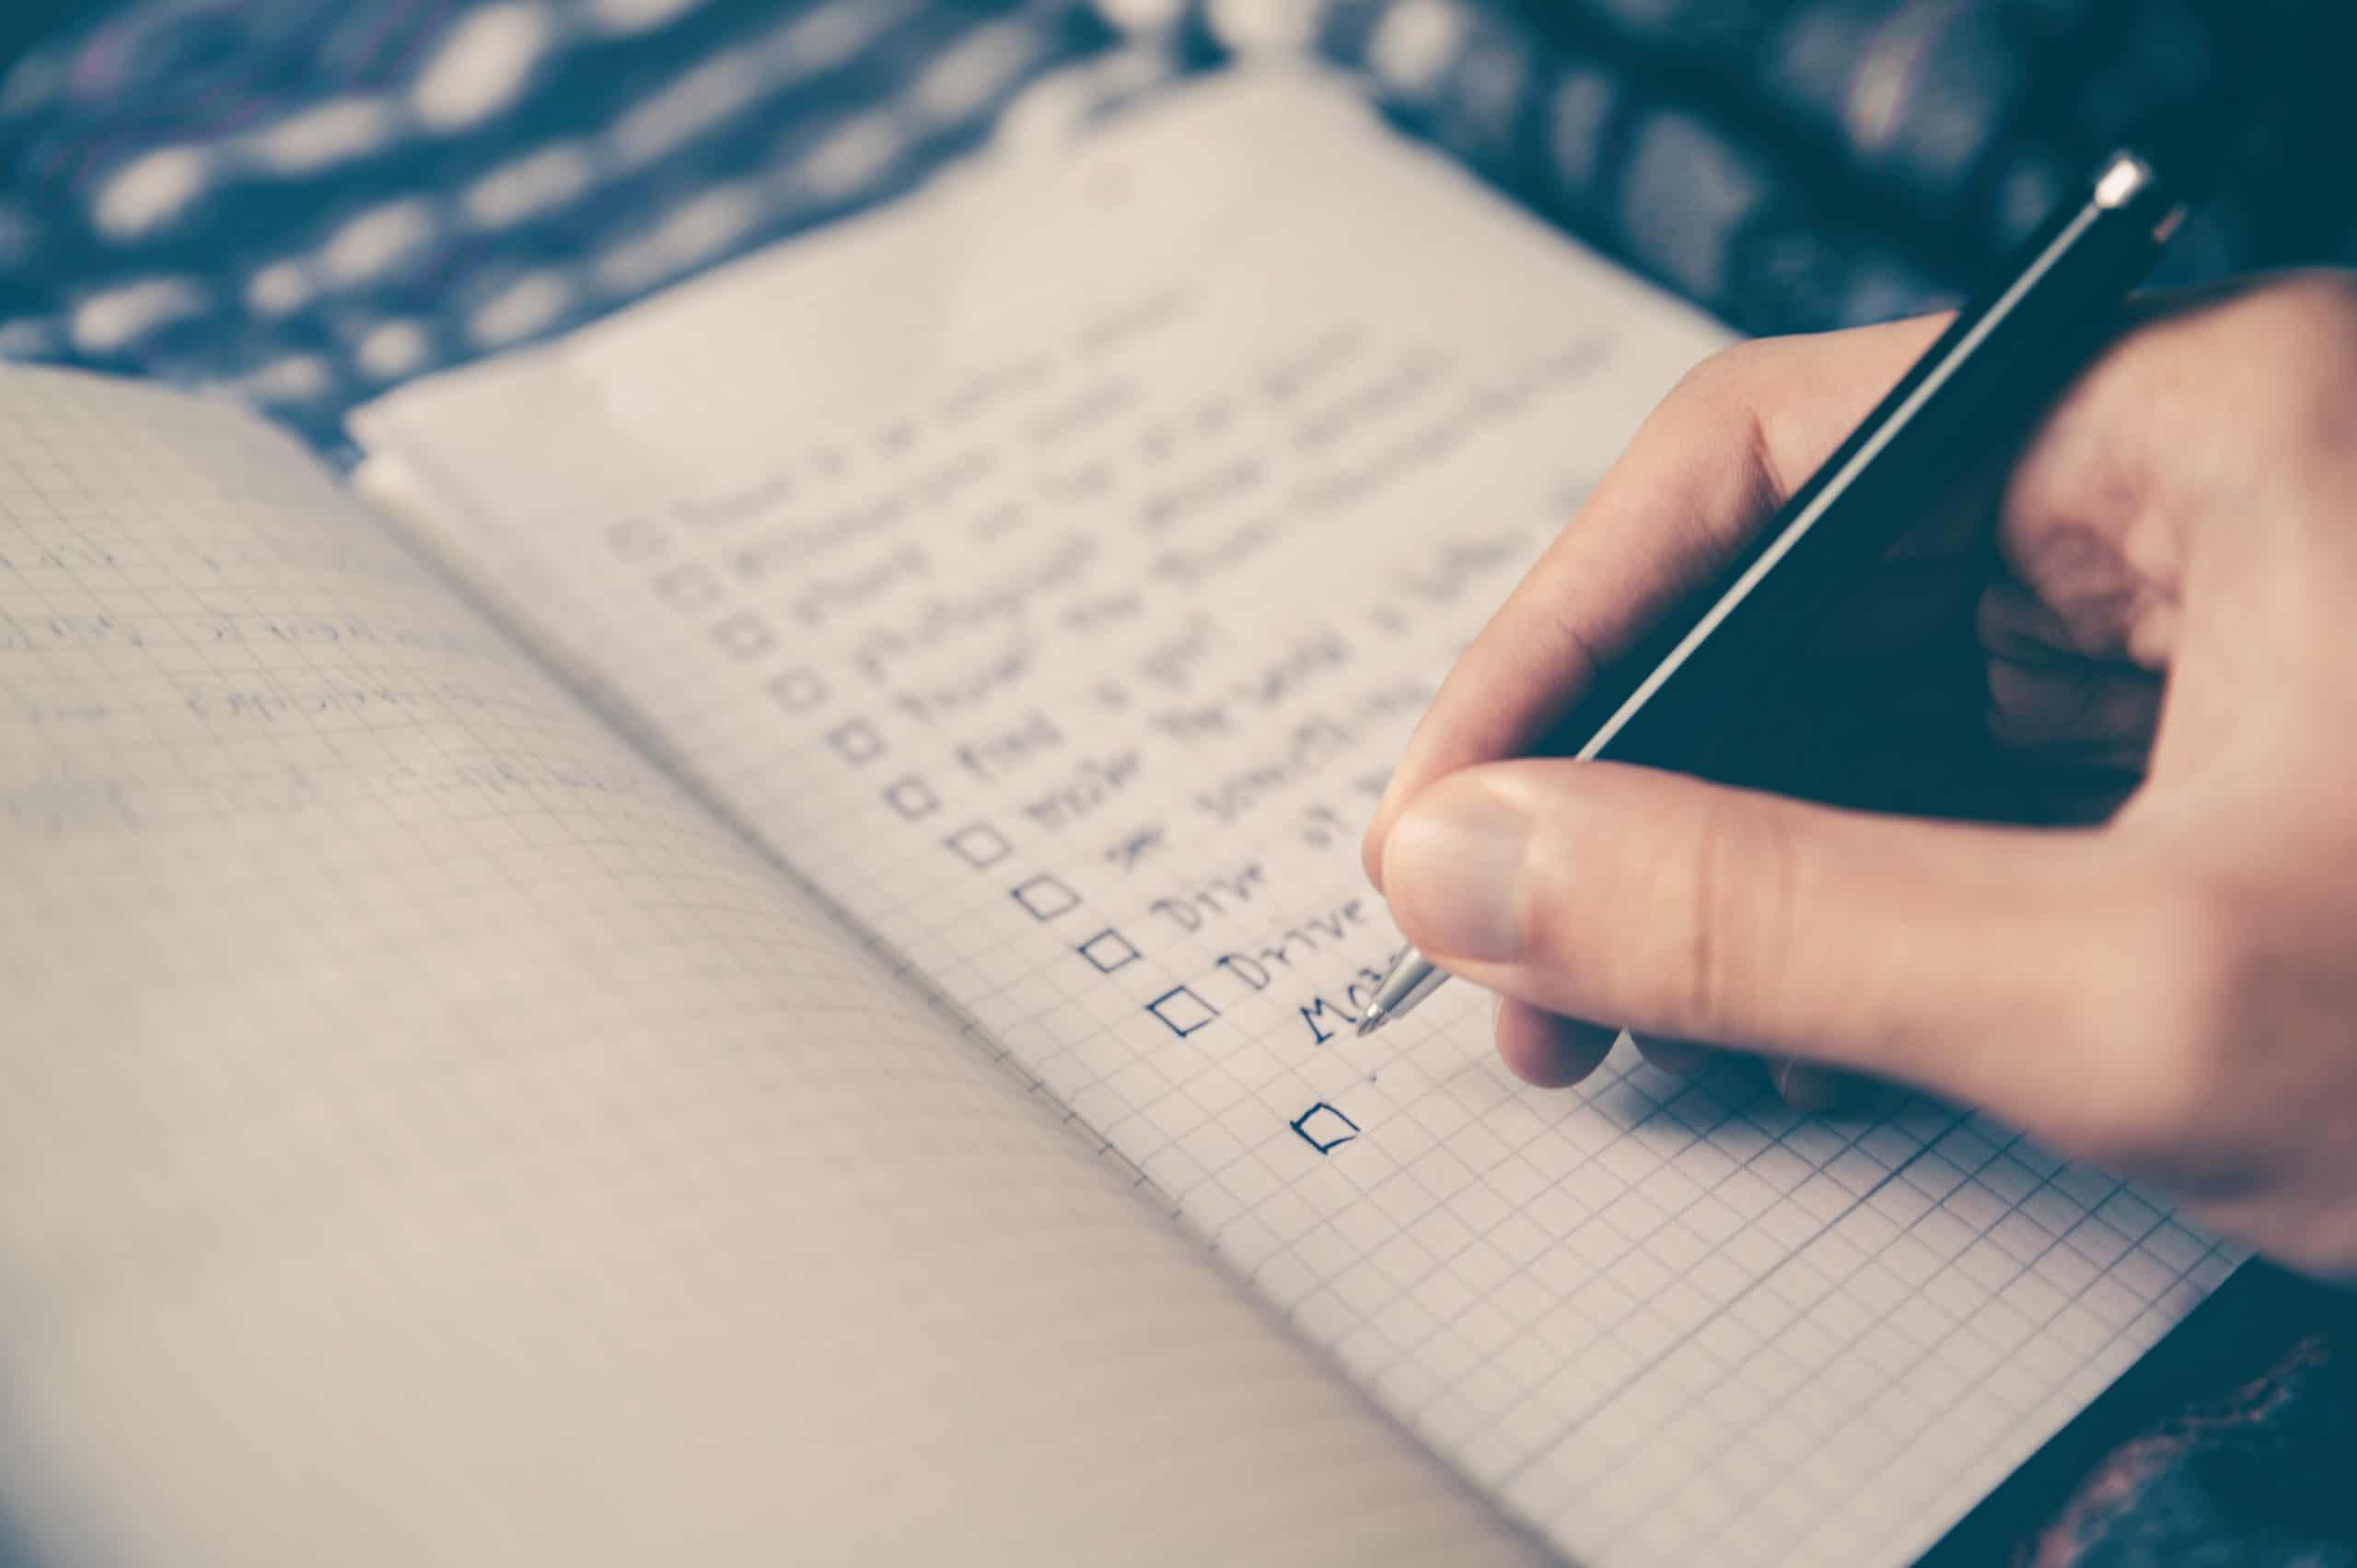 7 étapes pour une refonte de site réussie